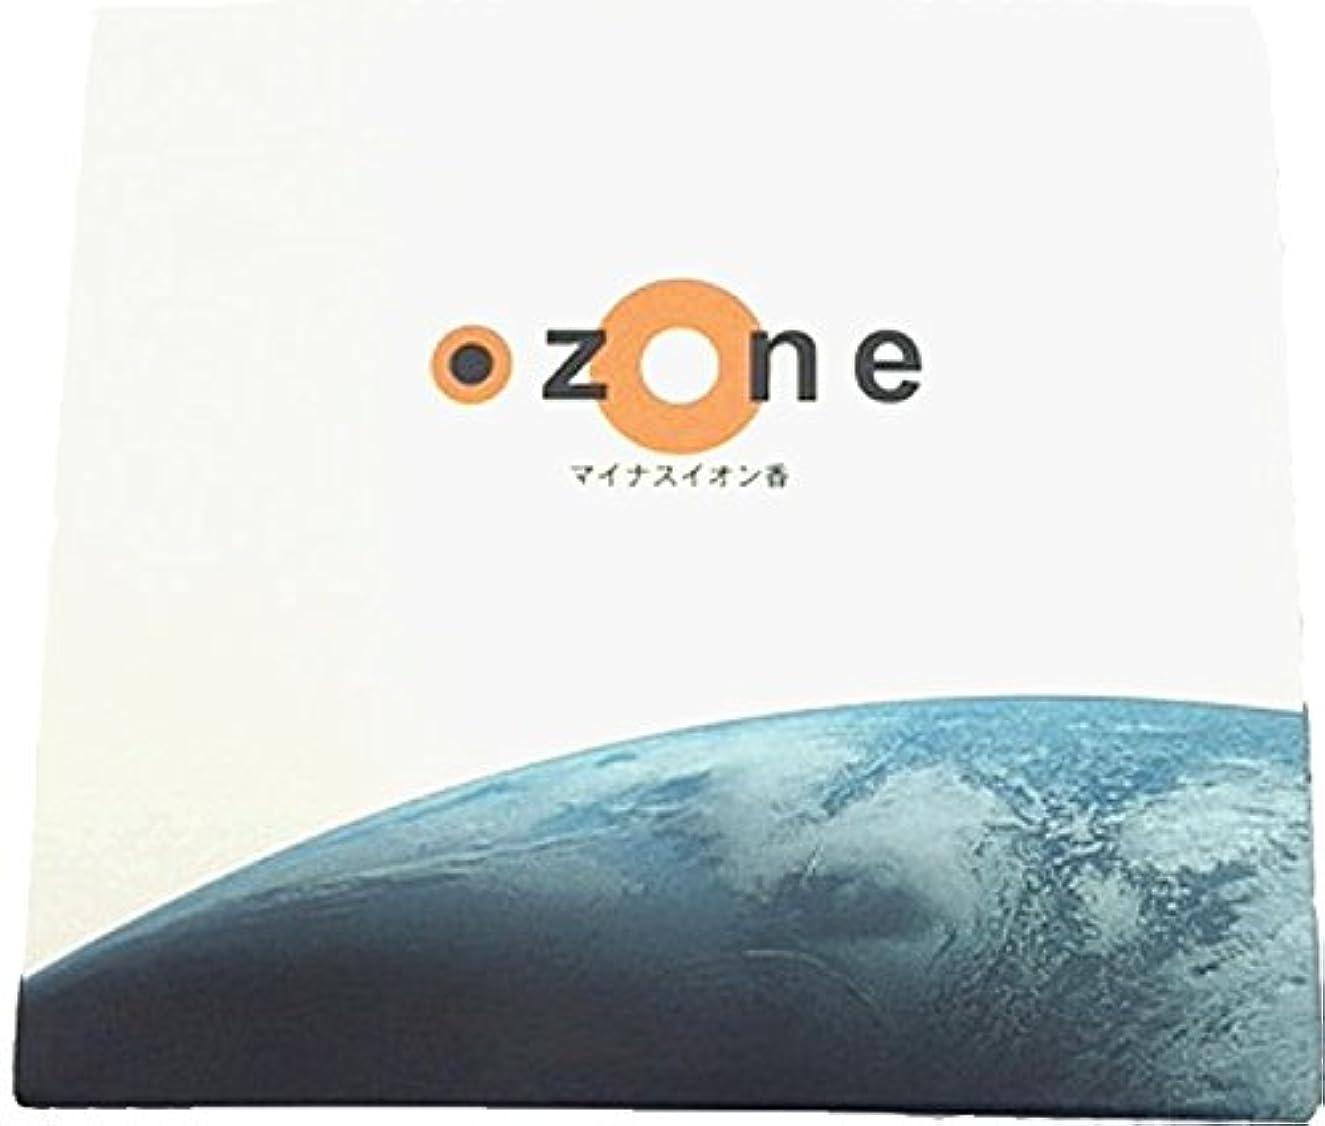 補充無駄なライバル悠々庵 OZONE 箱型 ホワイトムスク